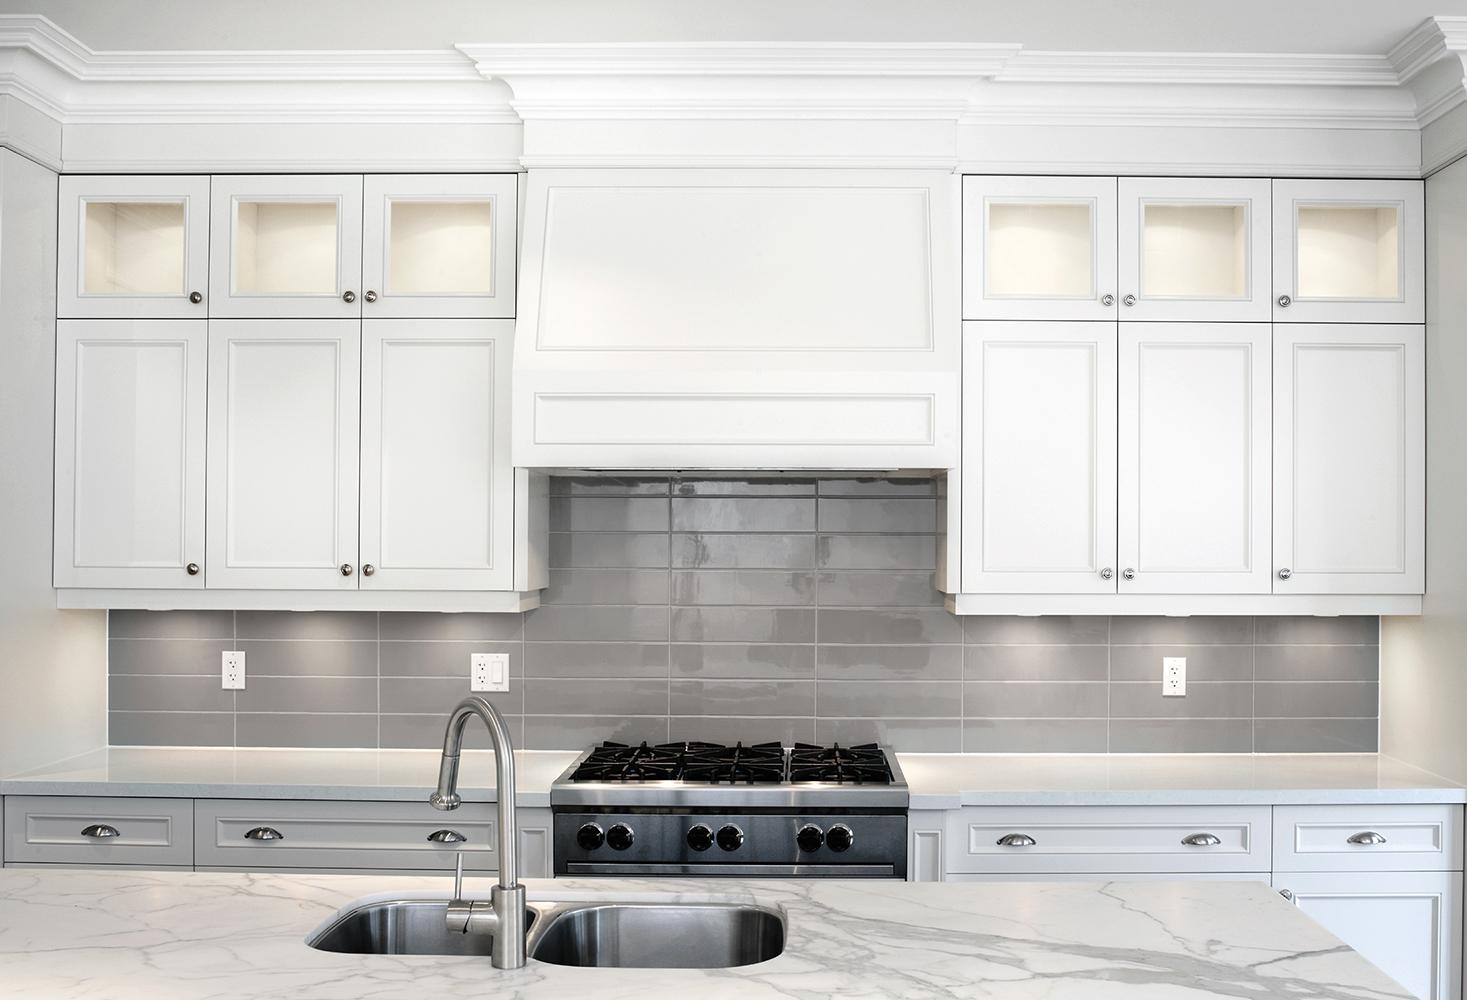 Google Images Kitchen Backsplash